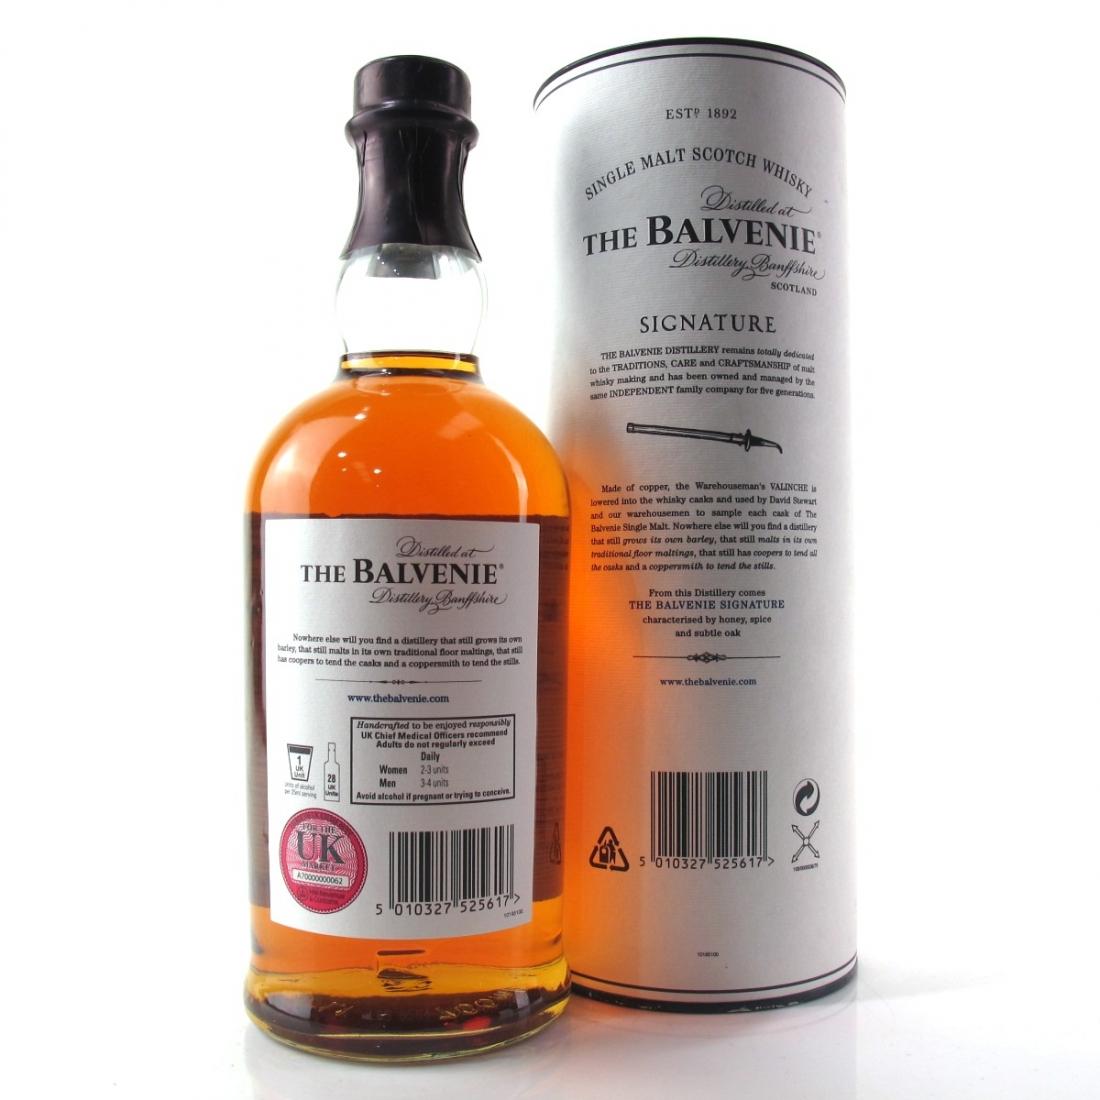 Balvenie 12 Year Old Signature Batch #001